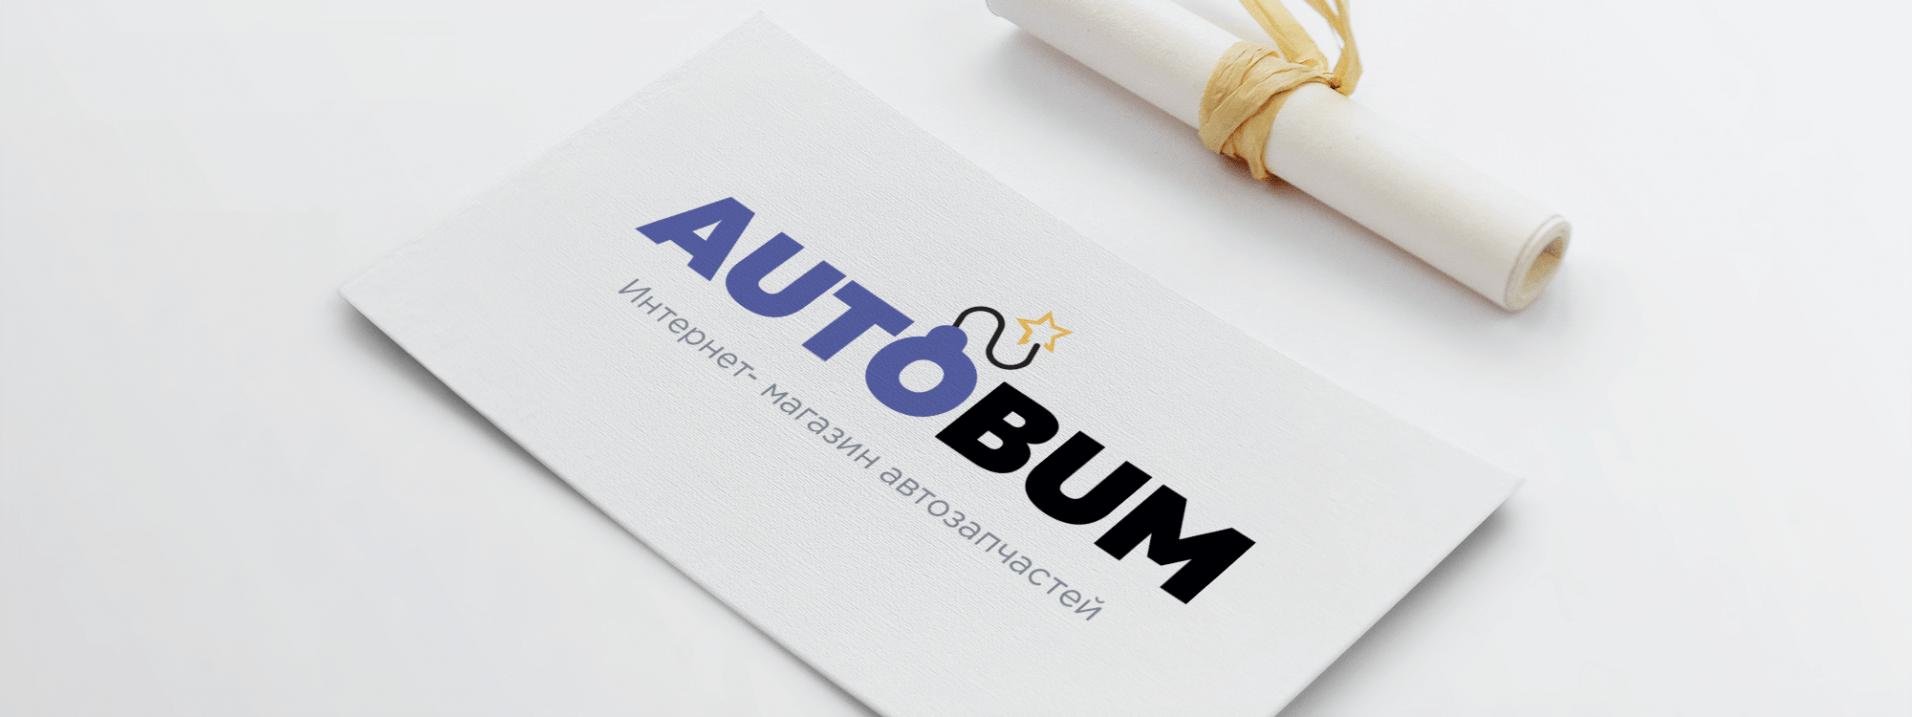 AvtoBum